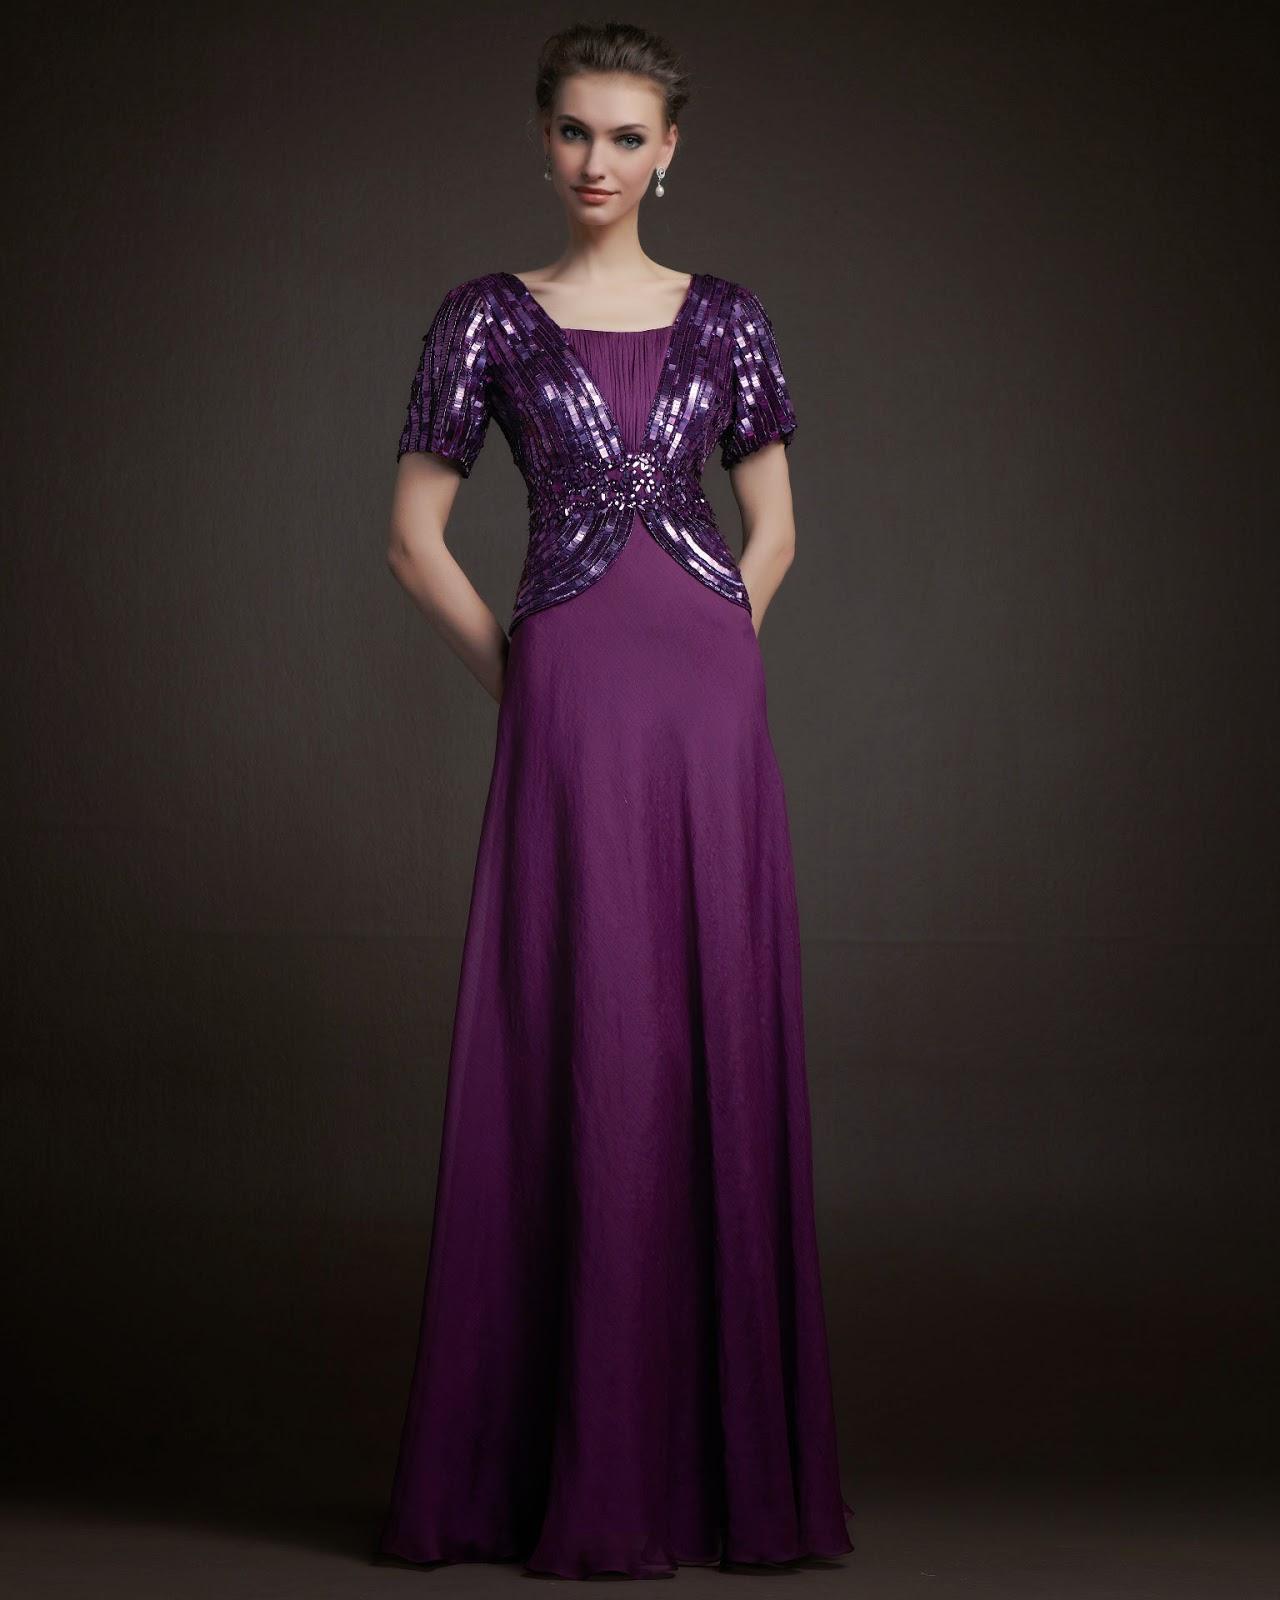 04156e1b9 Vestidos de madrina de casamiento en chile - Vestidos elegantes 2019